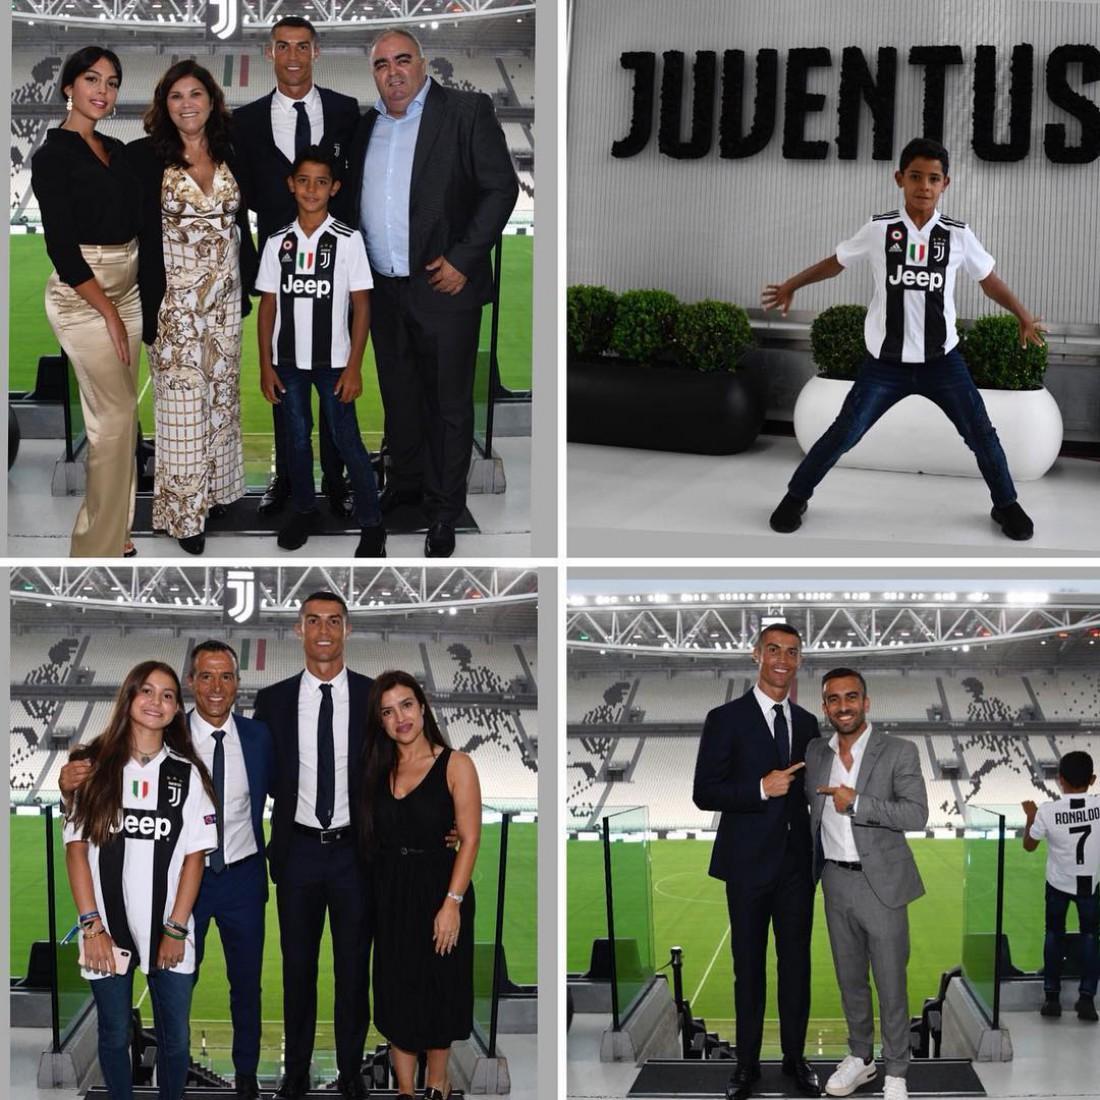 Криштиану Роналду сделал памятные снимки на стадионе Ювентуса